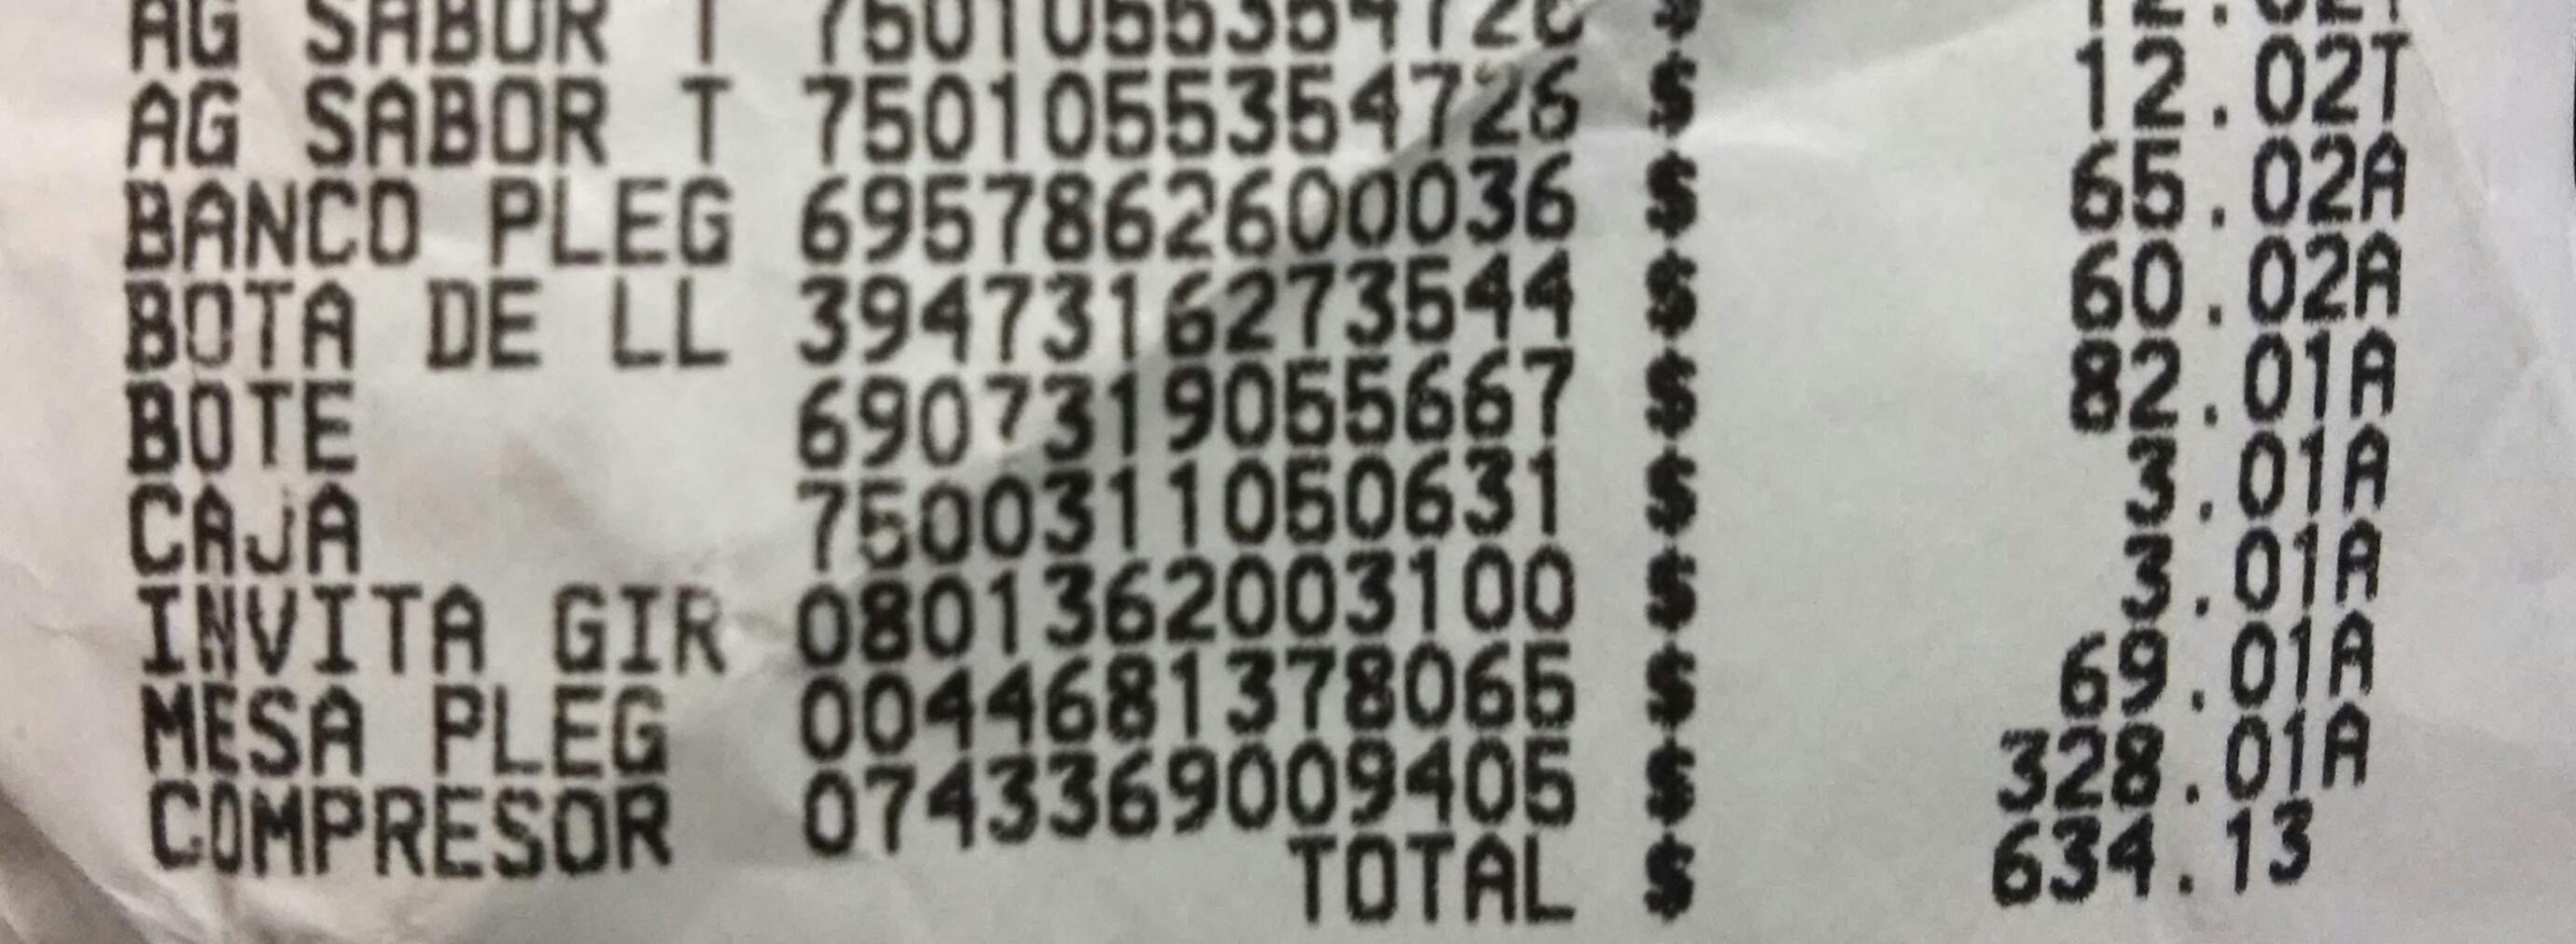 Walmart: Bote para basura a $82.01, compresor a $328.01